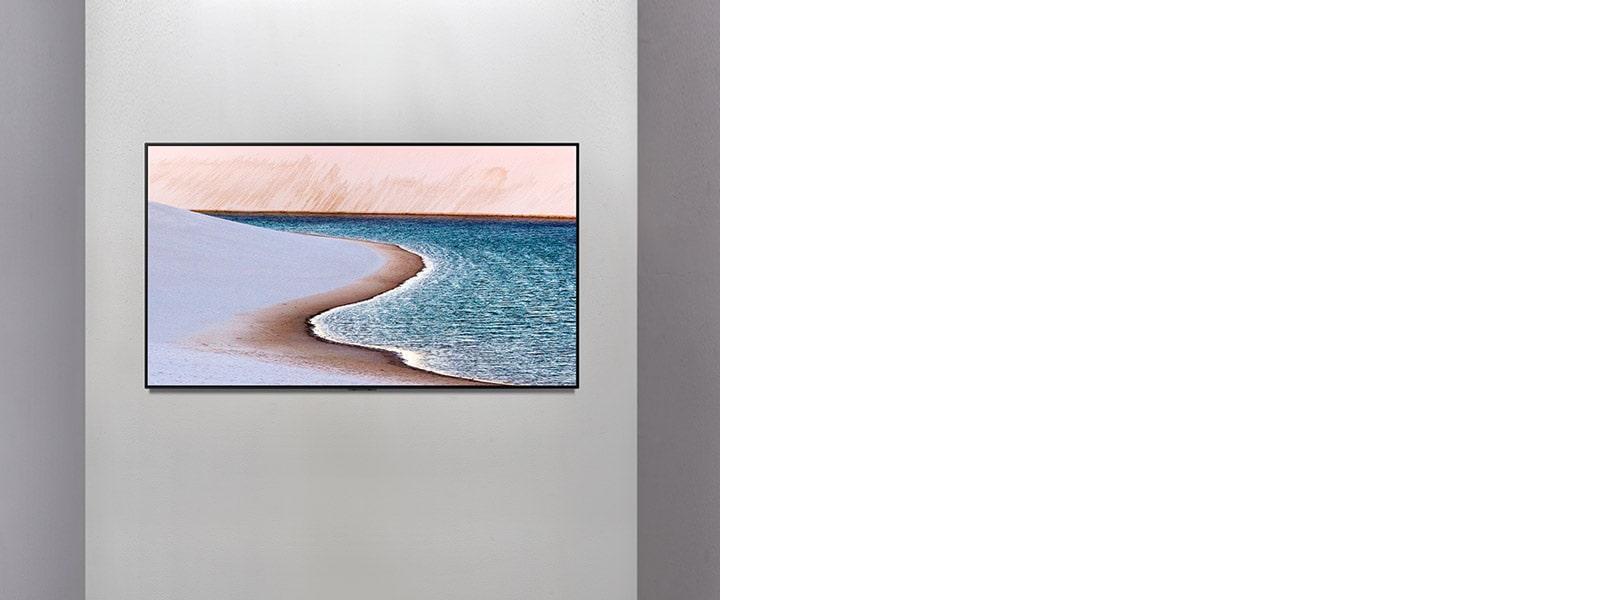 用藝術品裝飾您的牆壁1